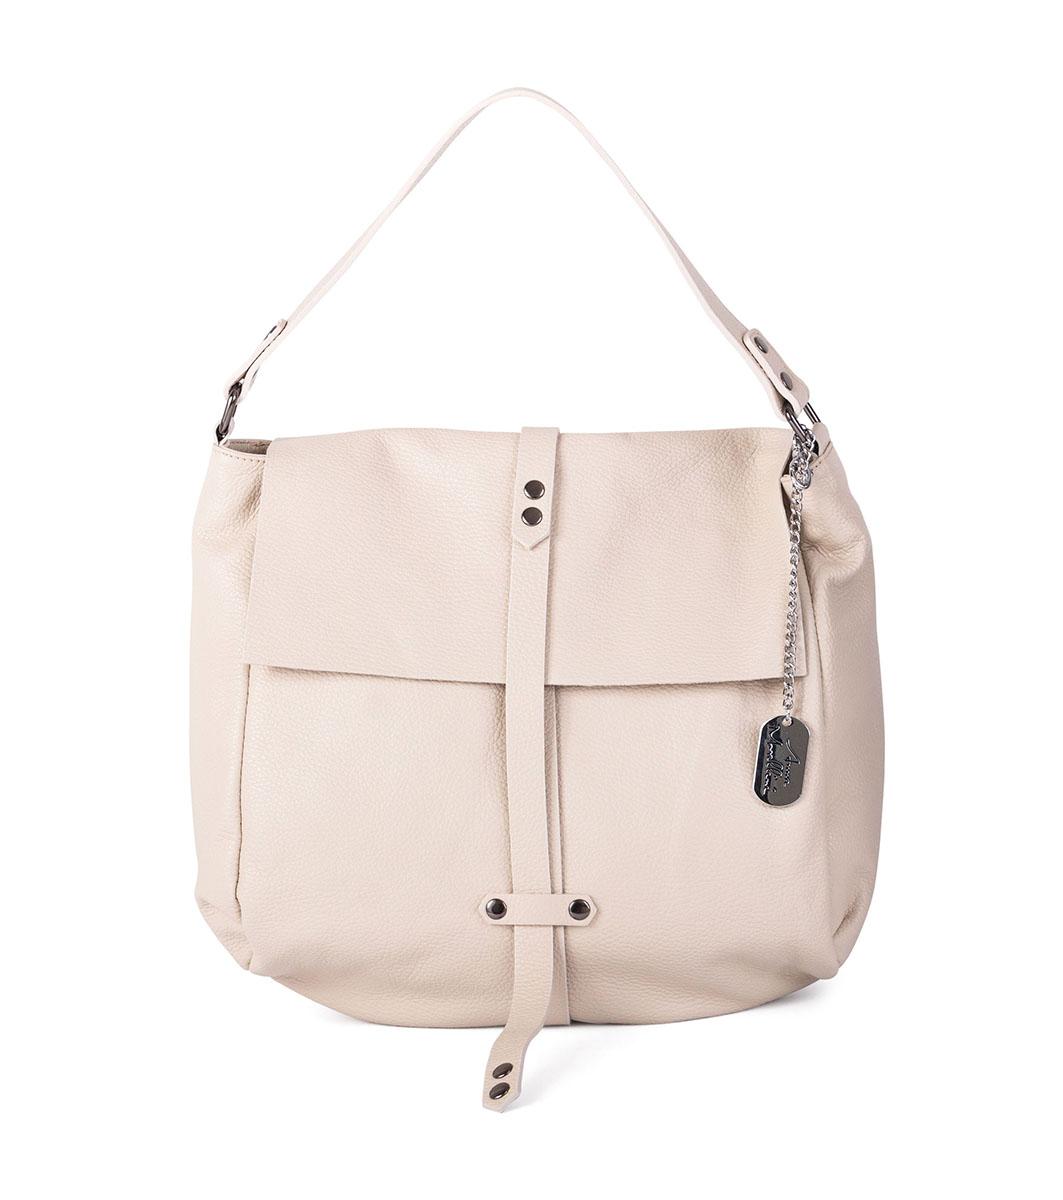 bc217991559 Светлобежова чанта от естествена кожа Zefira - 2389199 - Fashion ...